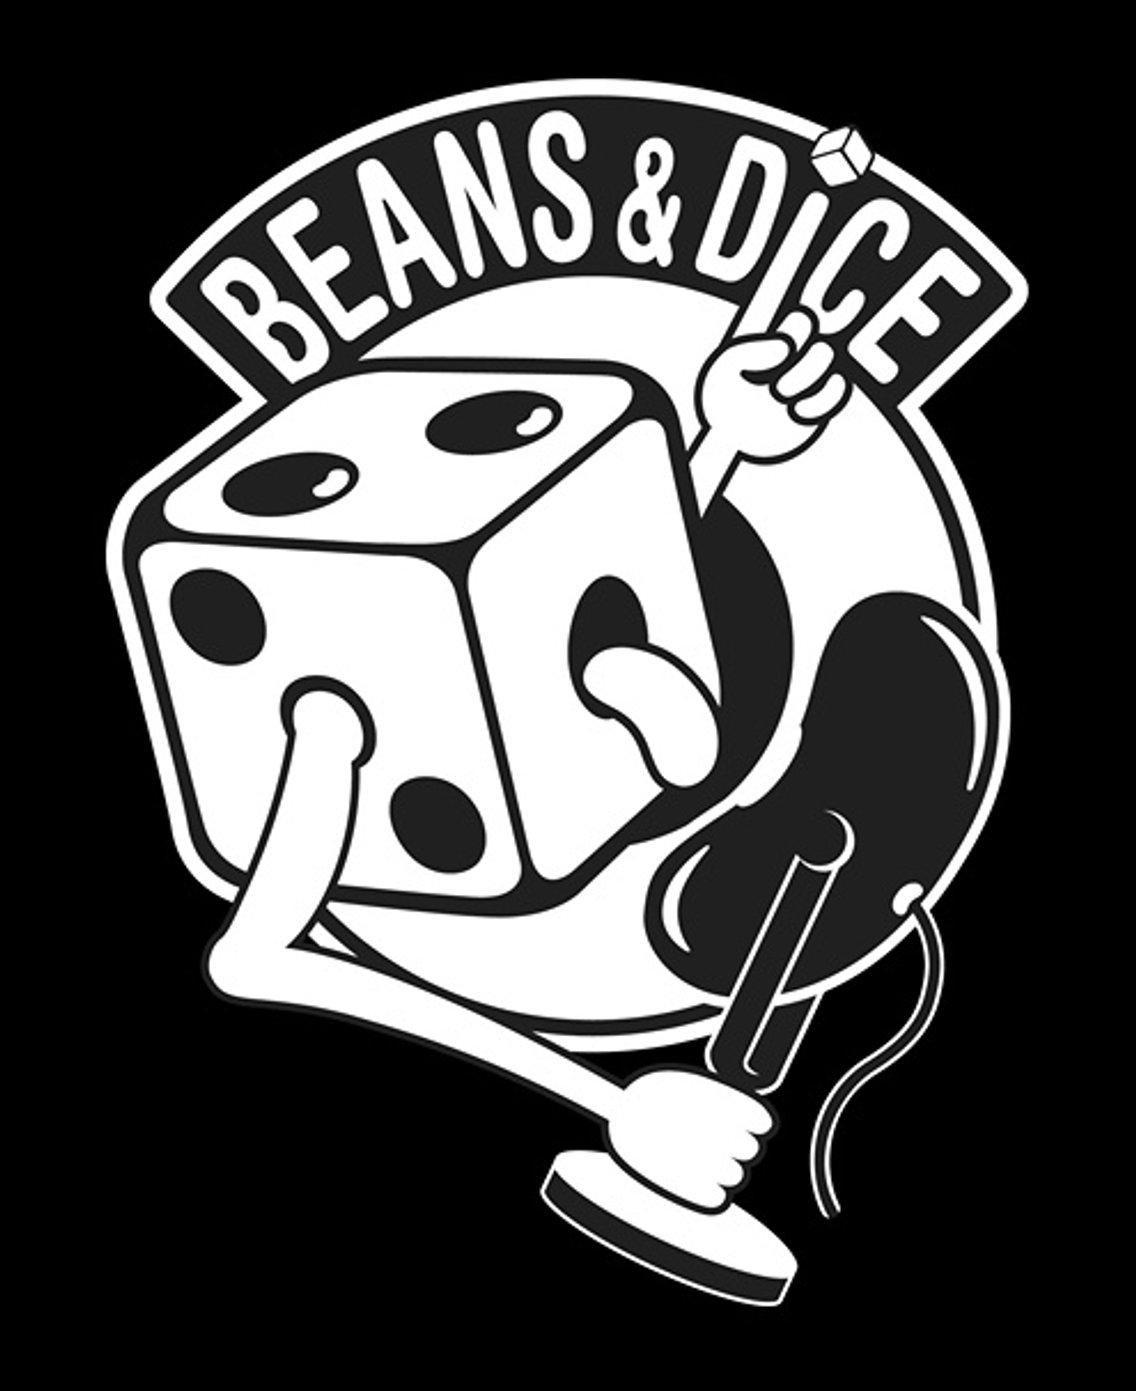 Beans & Dice Podcast - immagine di copertina